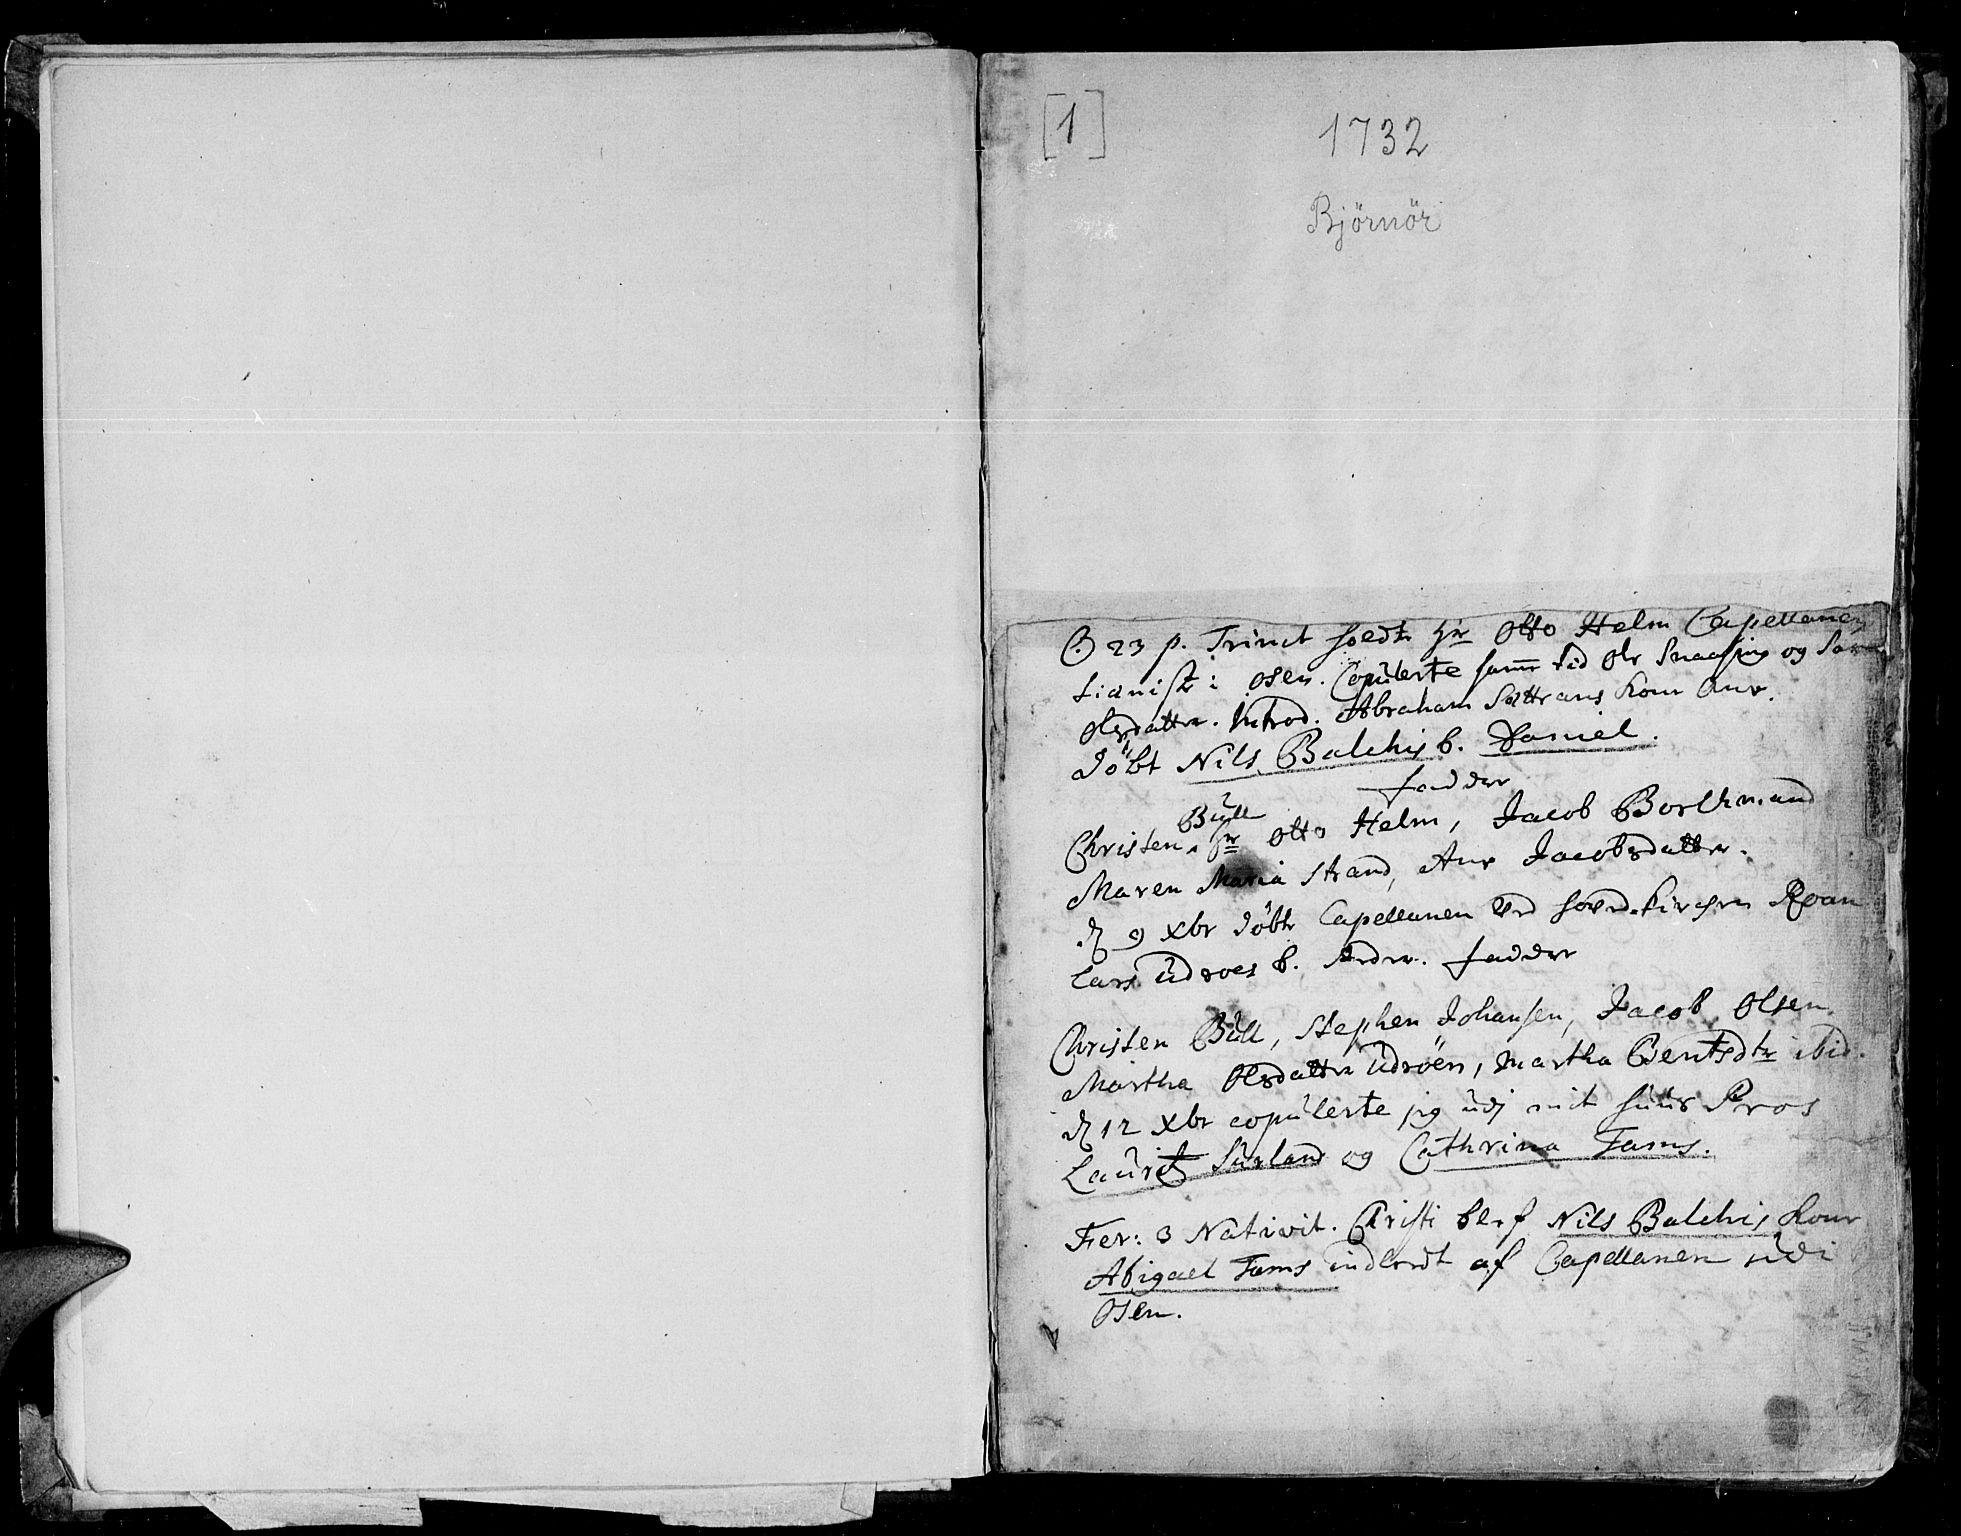 SAT, Ministerialprotokoller, klokkerbøker og fødselsregistre - Sør-Trøndelag, 657/L0700: Ministerialbok nr. 657A01, 1732-1801, s. 0-1